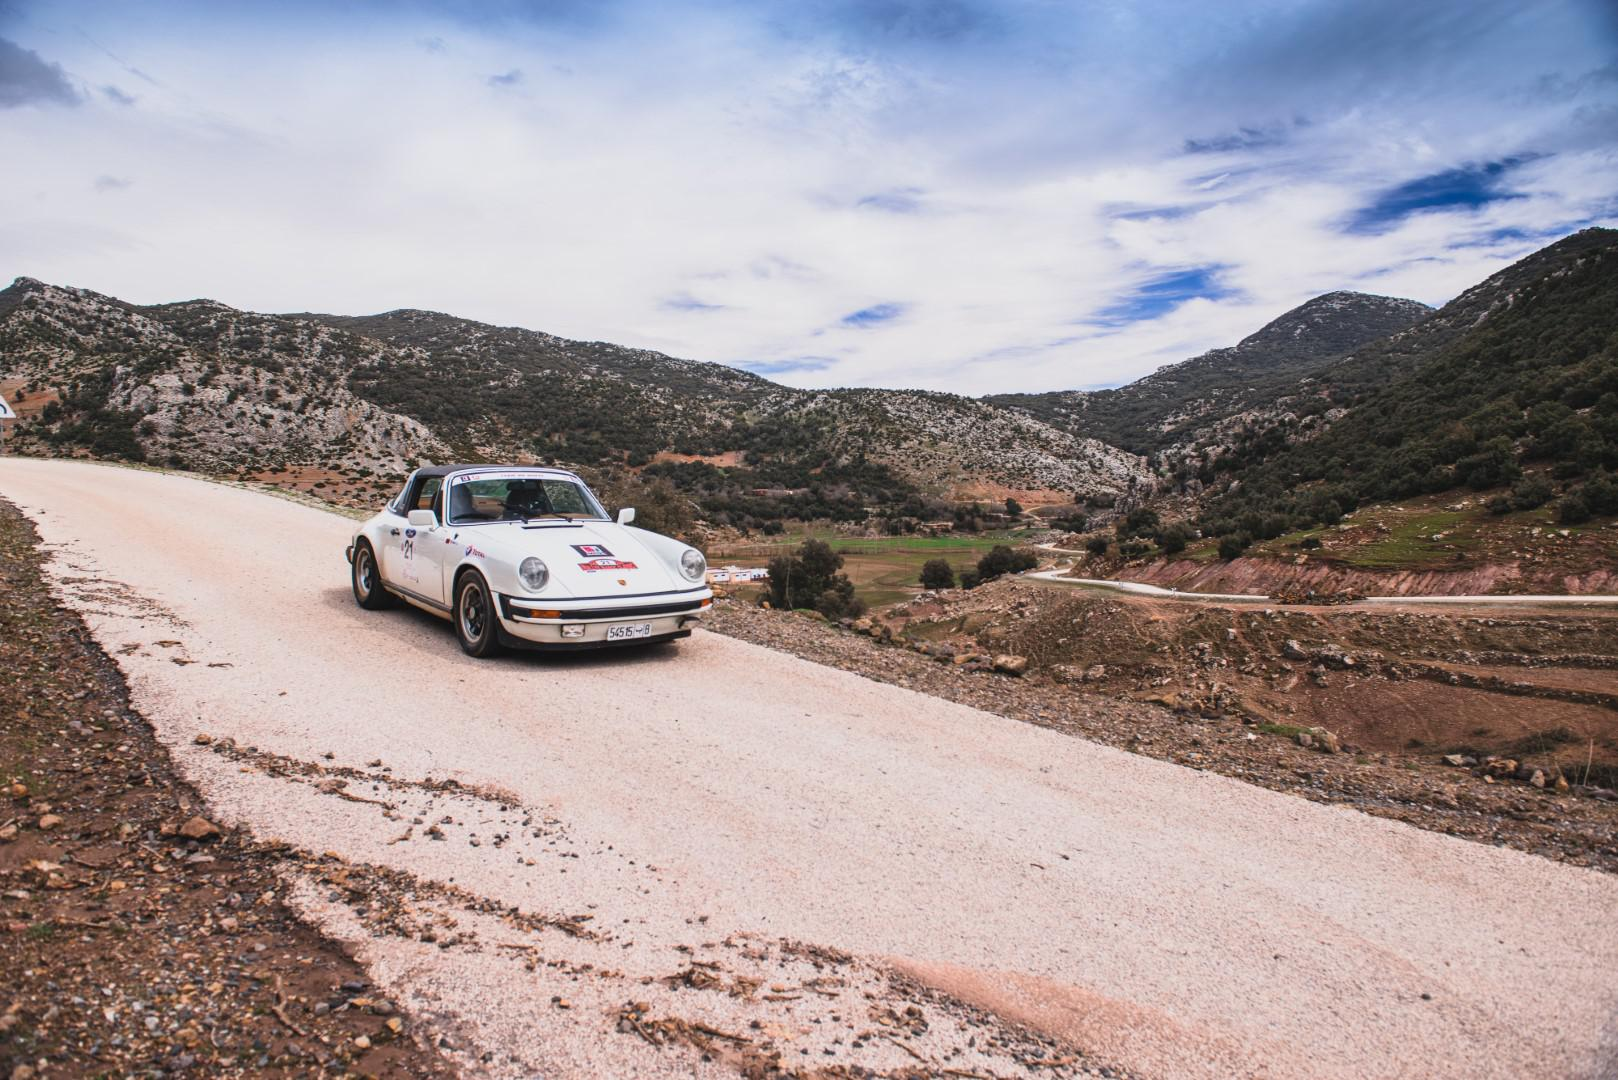 victoire-marocaine-pour-le-25eme-anniversaire-du-rallye-maroc-classic-680-1.jpg